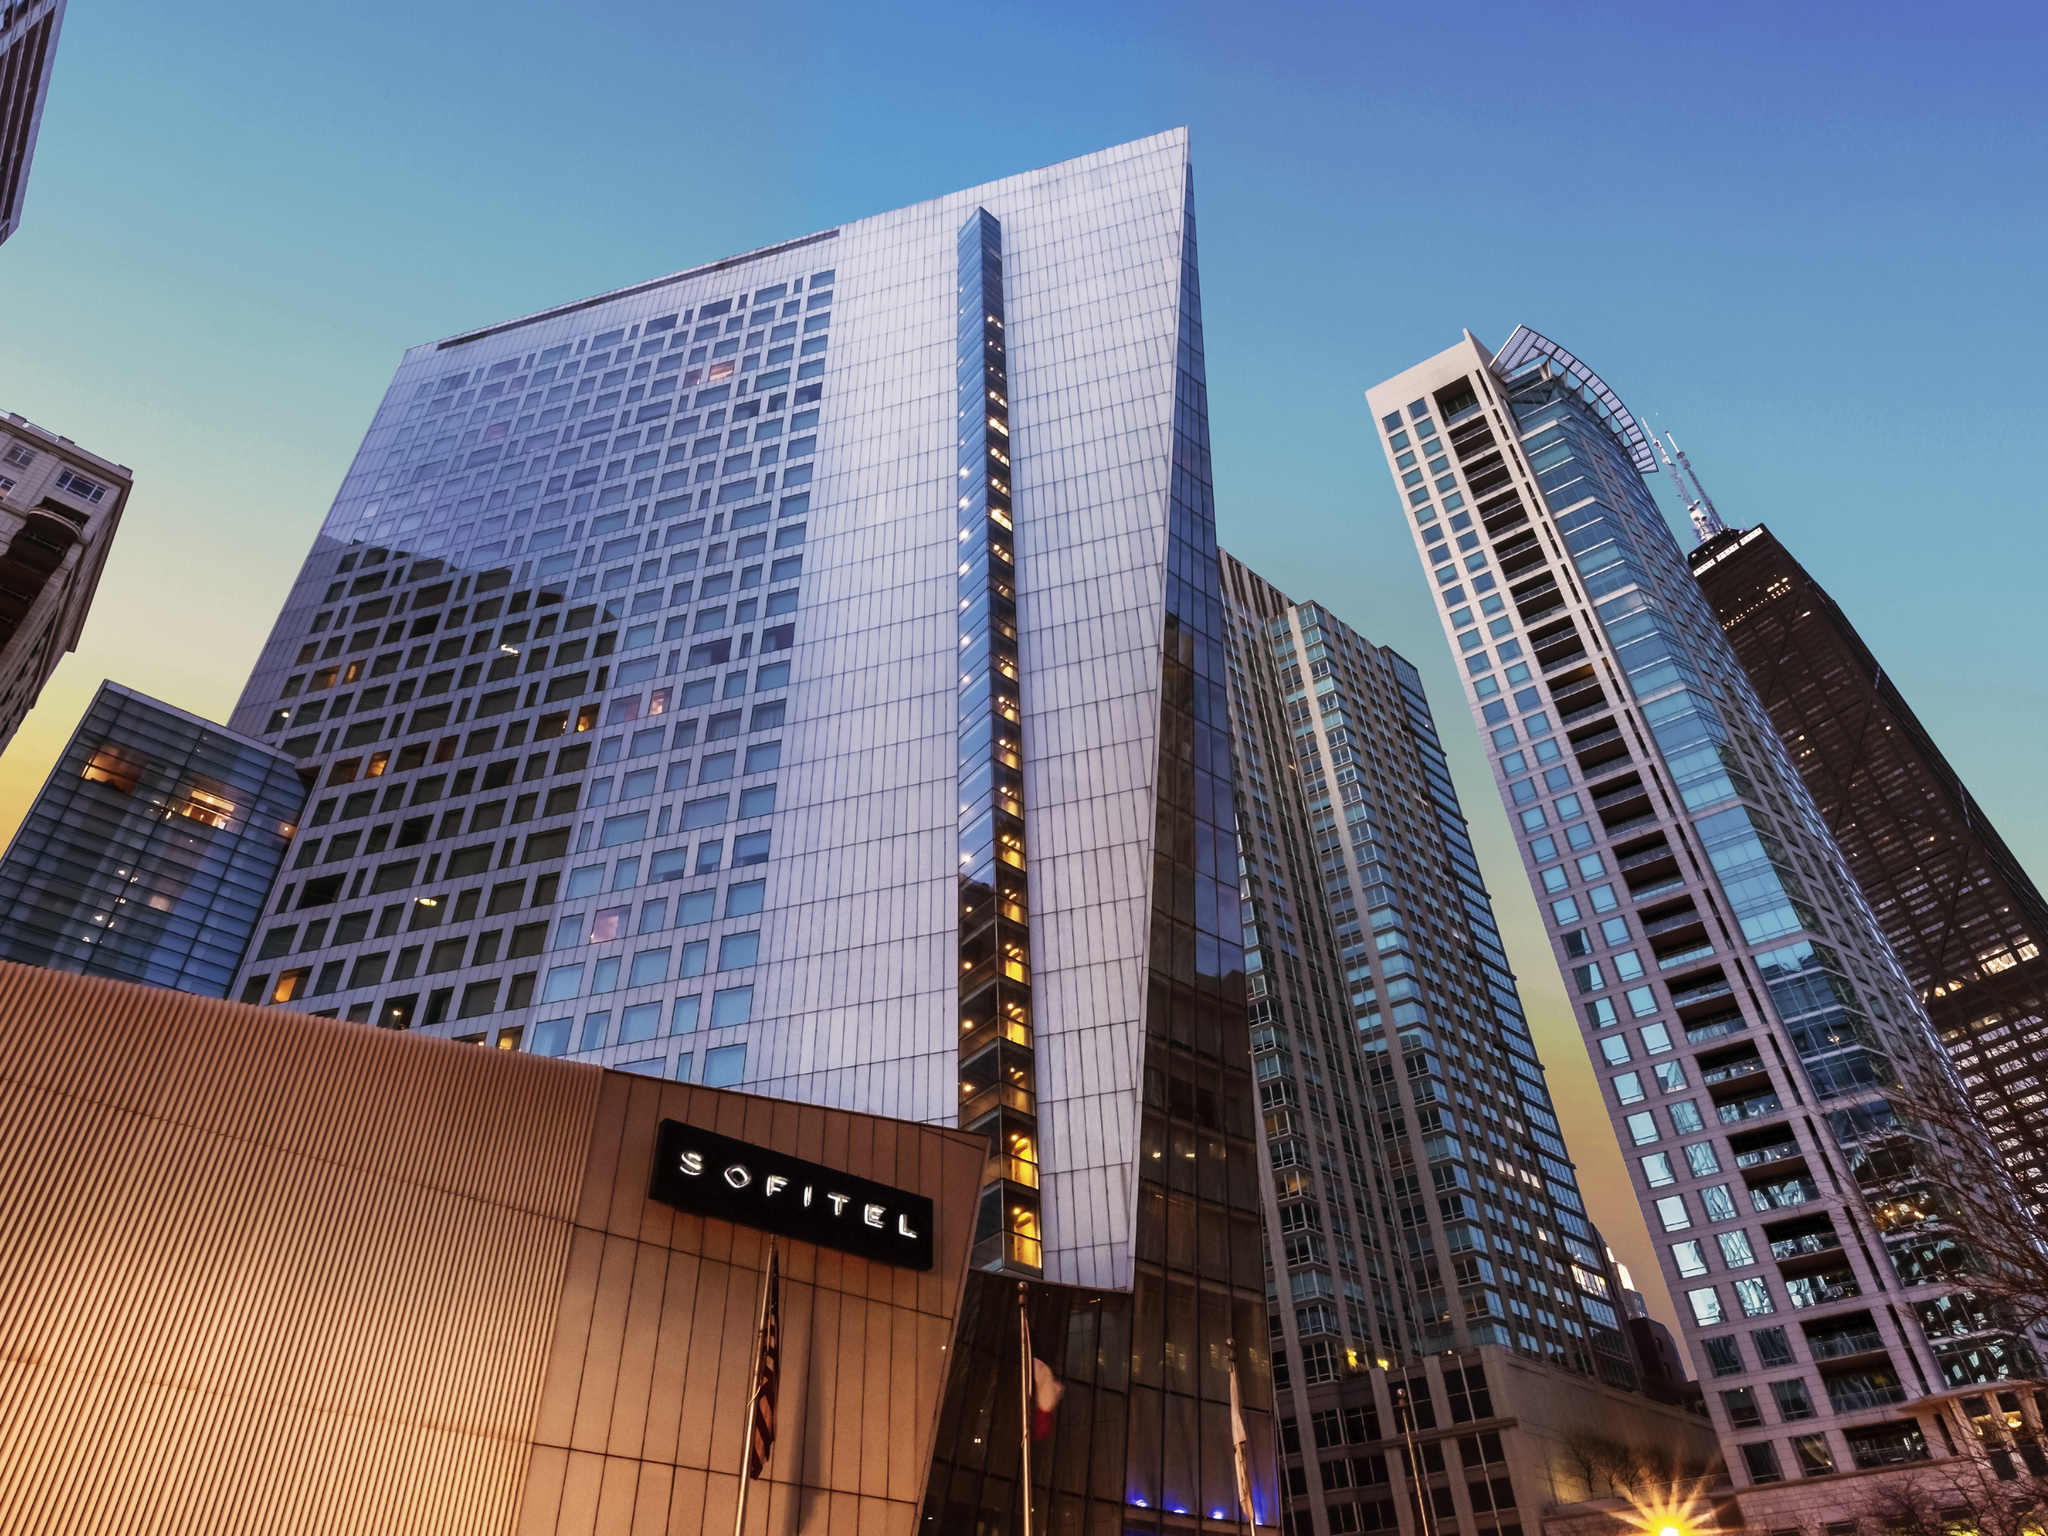 Hotel - Sofitel Chicago Magnificent Mile